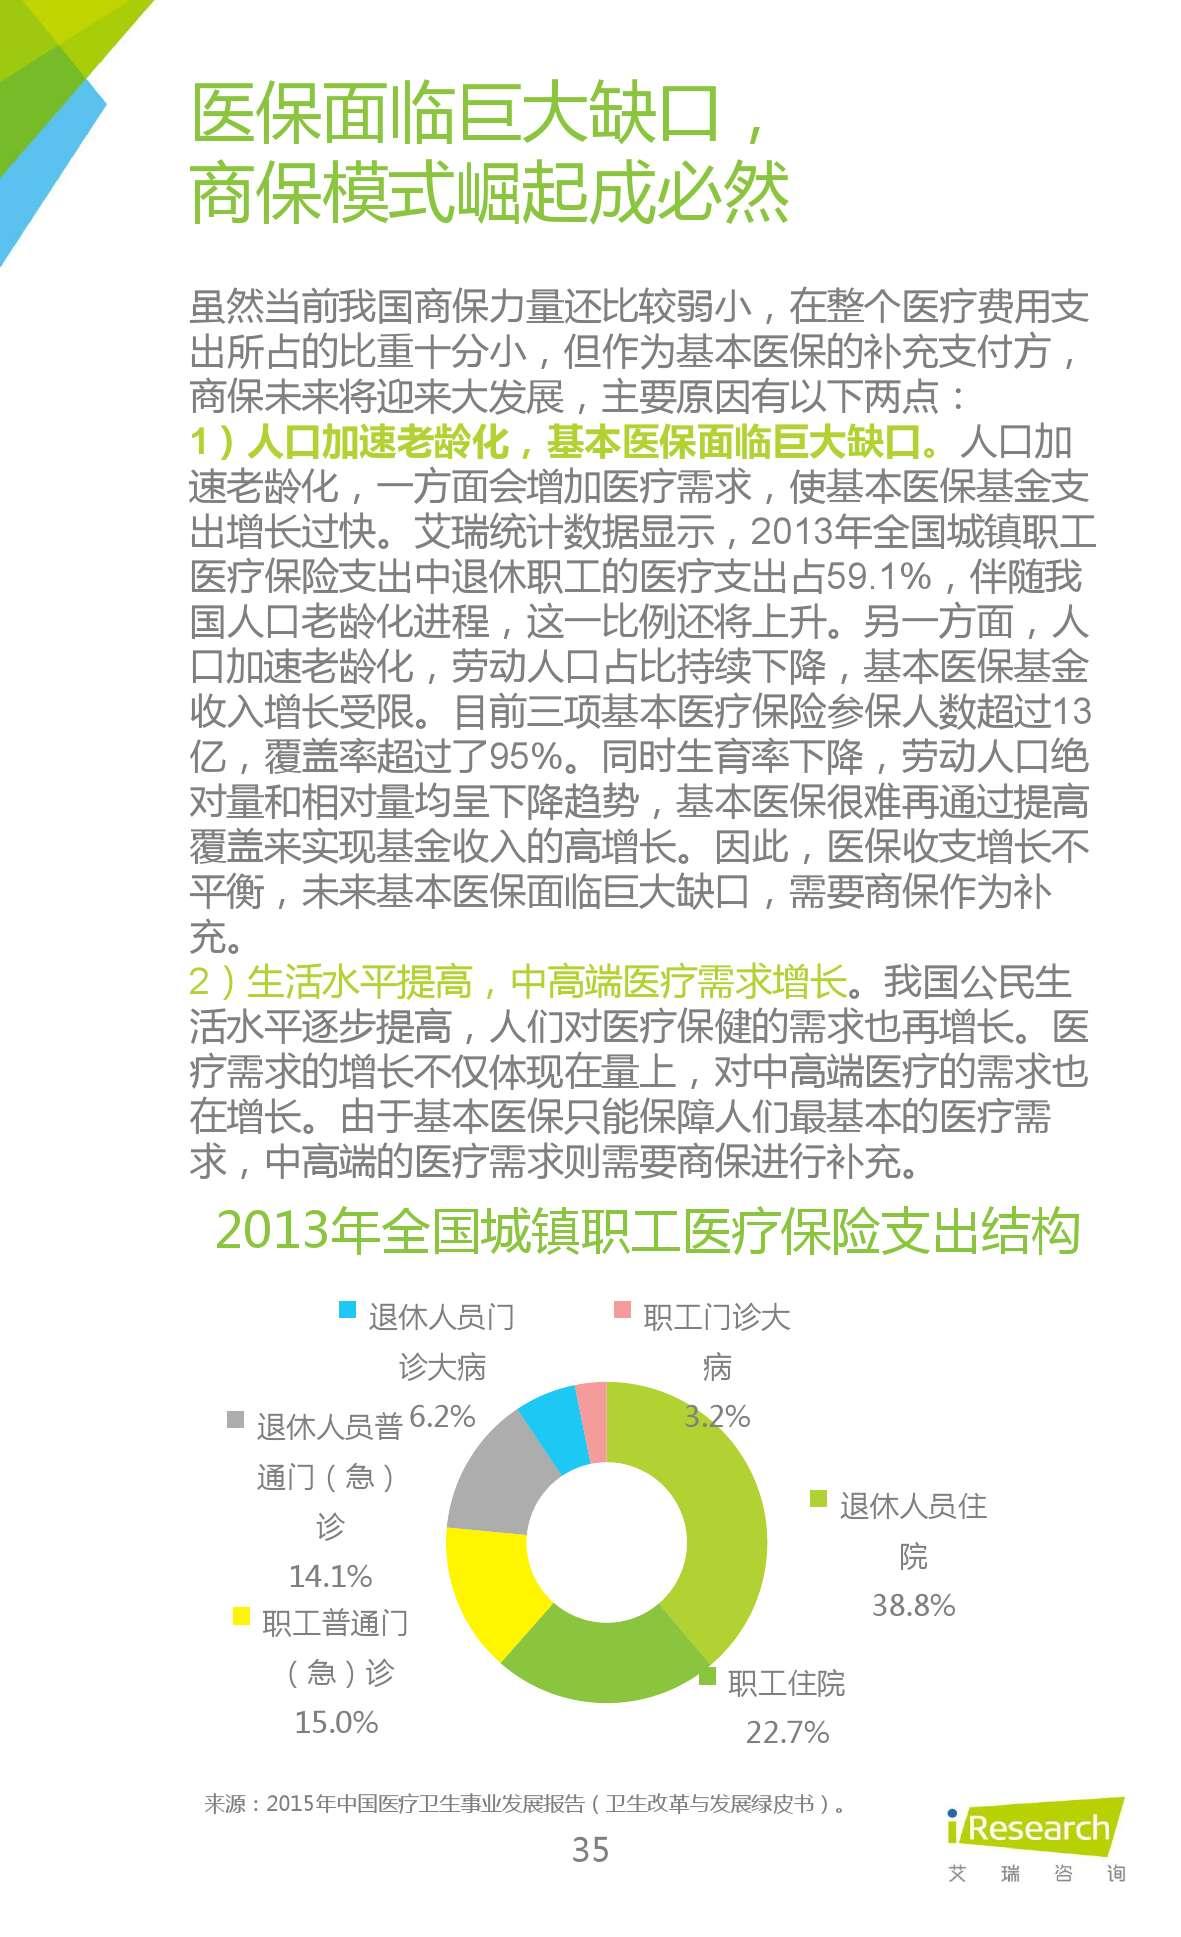 2015年中国在线问诊行业研究报告_000035